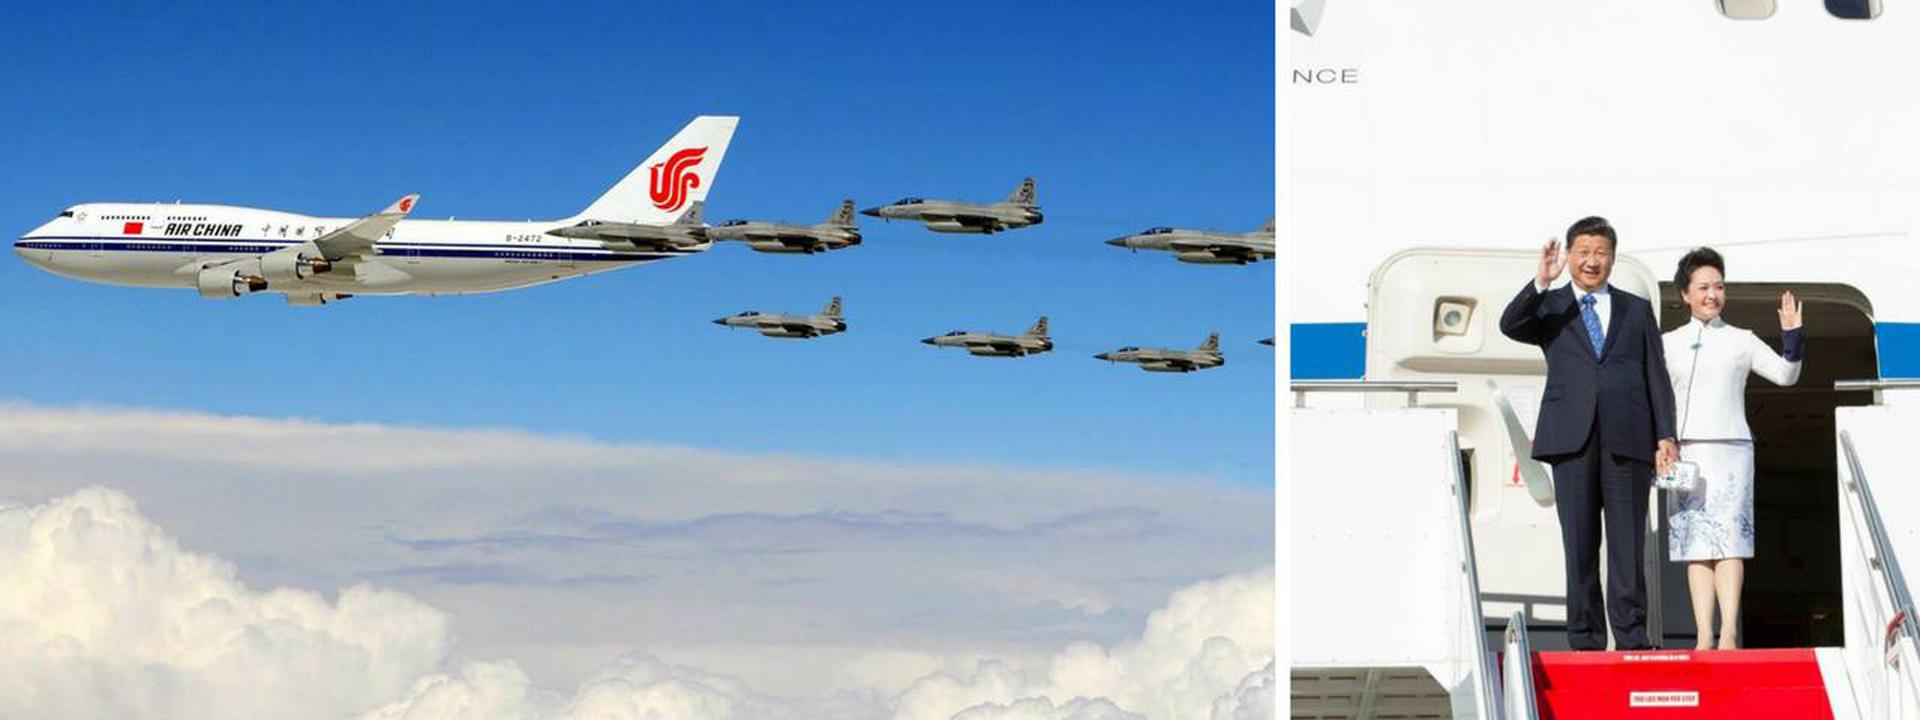 Los presidentes de China (en la foto Xi Jinping con su esposa) utilizan dos Boeing 747 de la aerolínea estatal Air China como medio de transporte